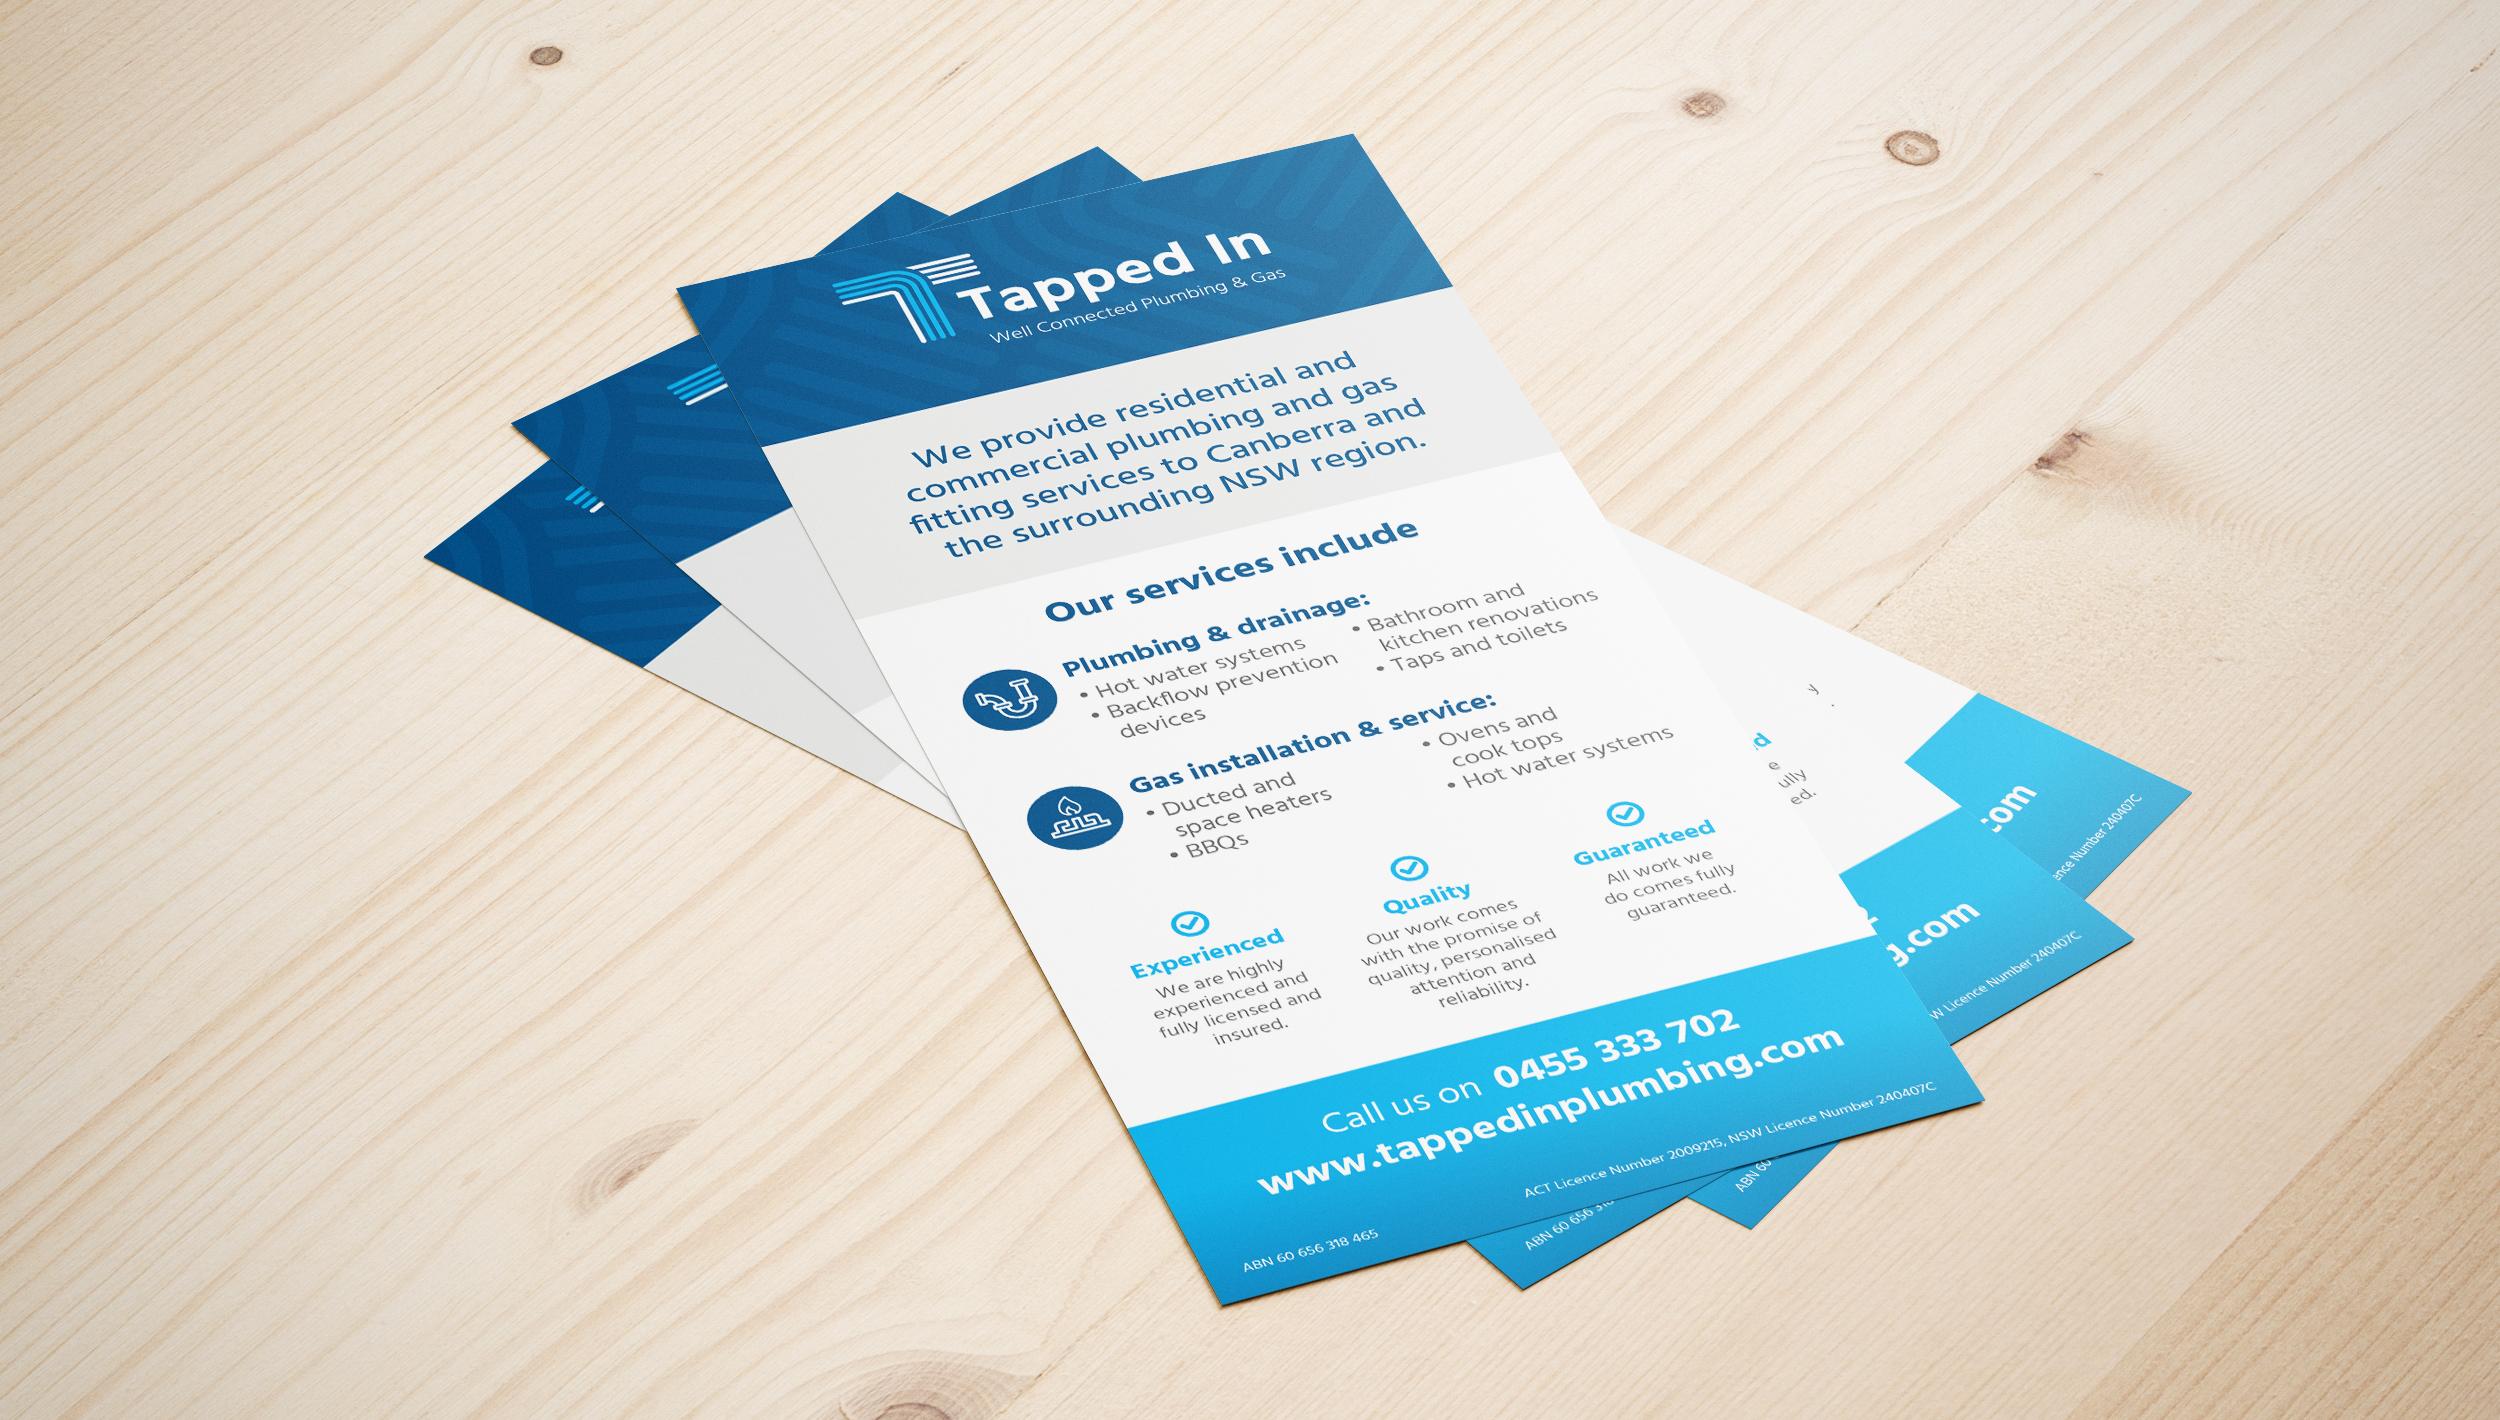 Tapped-In-DL-Leaflet-Mockup-2500.jpg